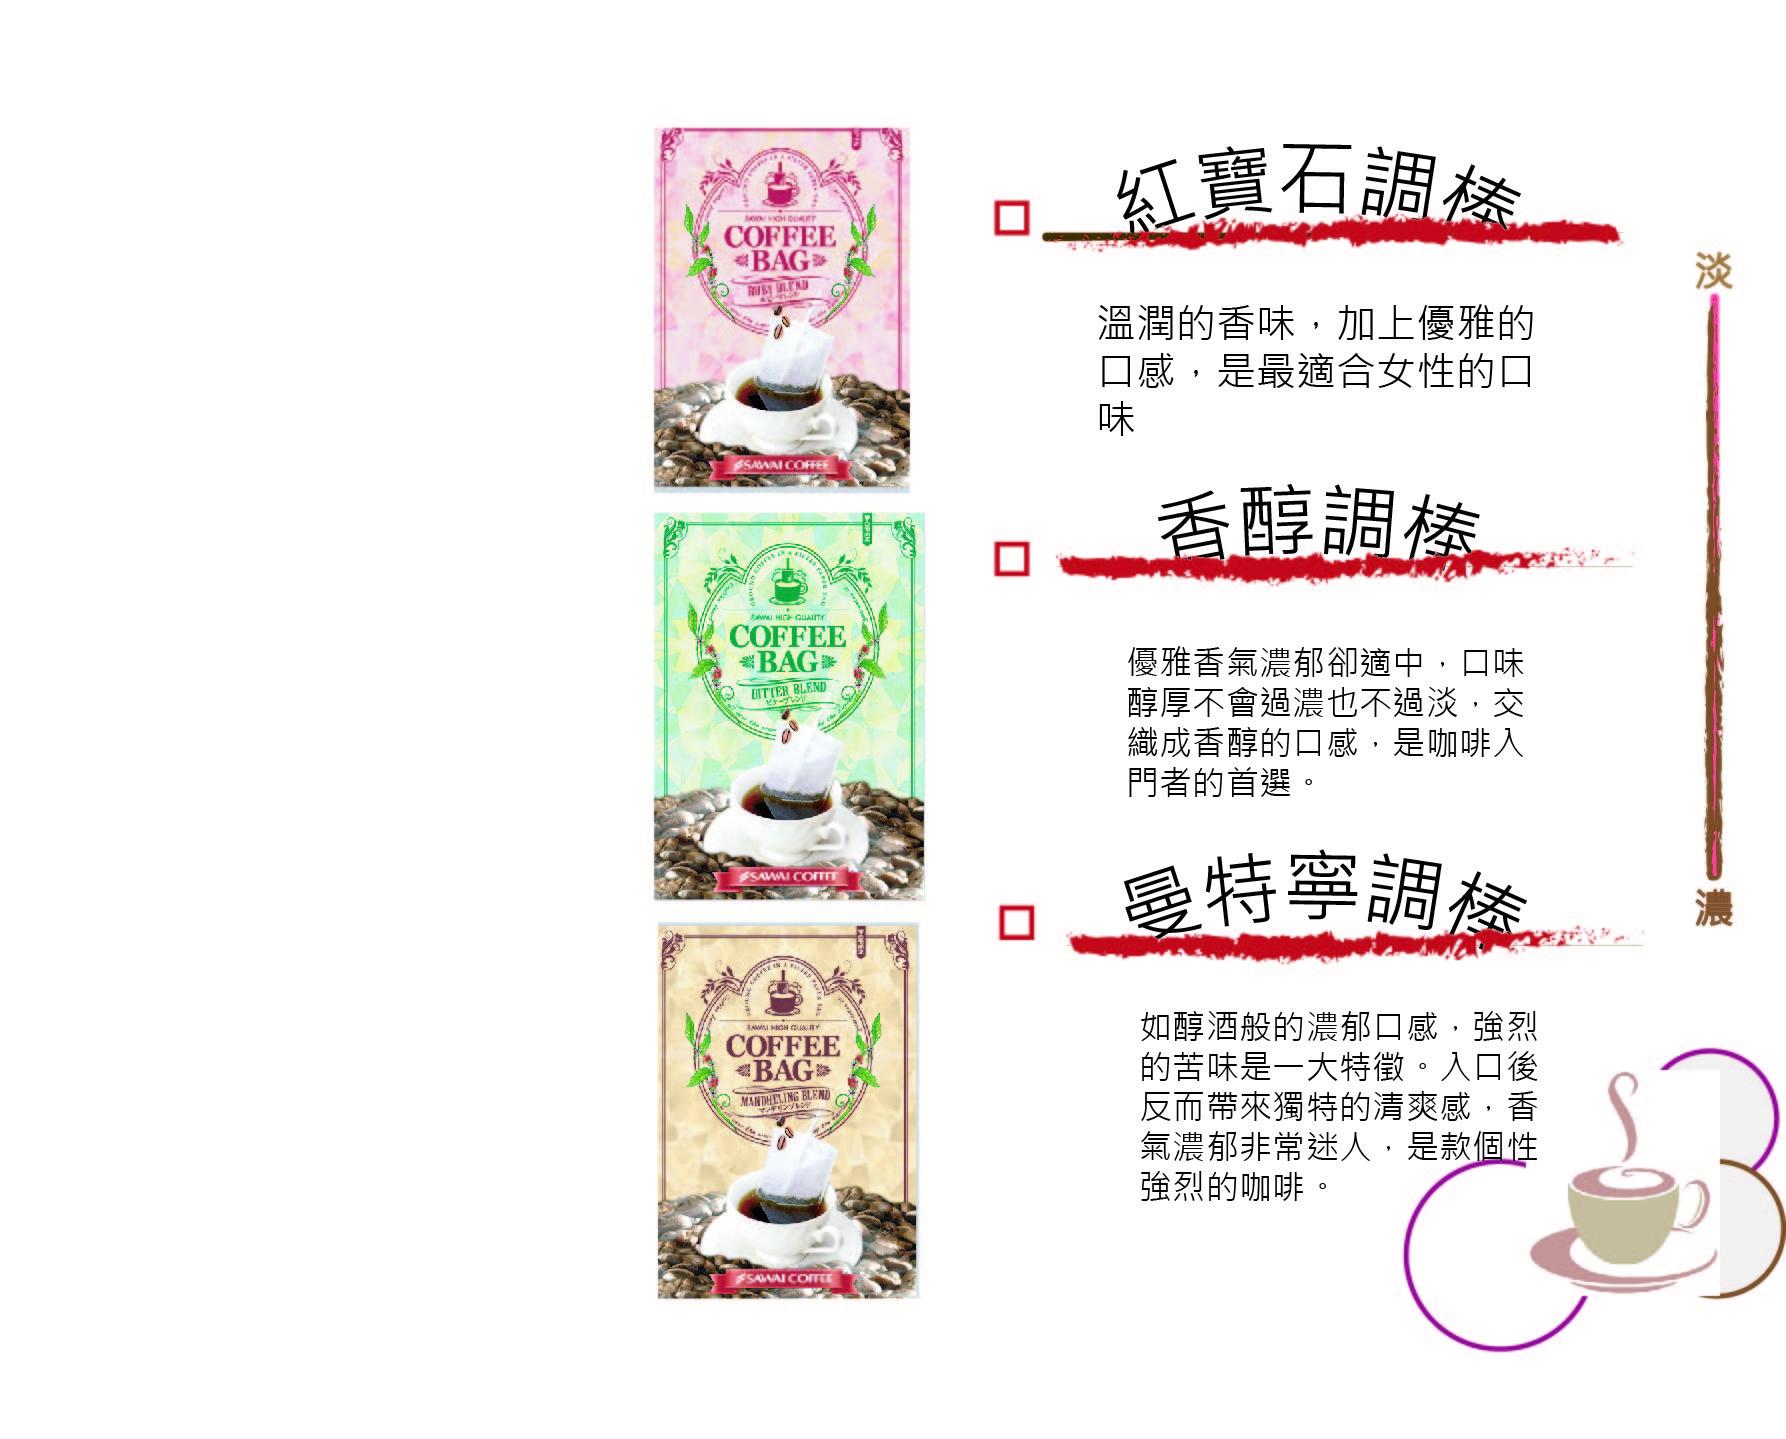 【澤井咖啡】★新口味新包裝 因應客戶需求,調棒式咖啡-紅寶石.香醇.曼特寧口味 1